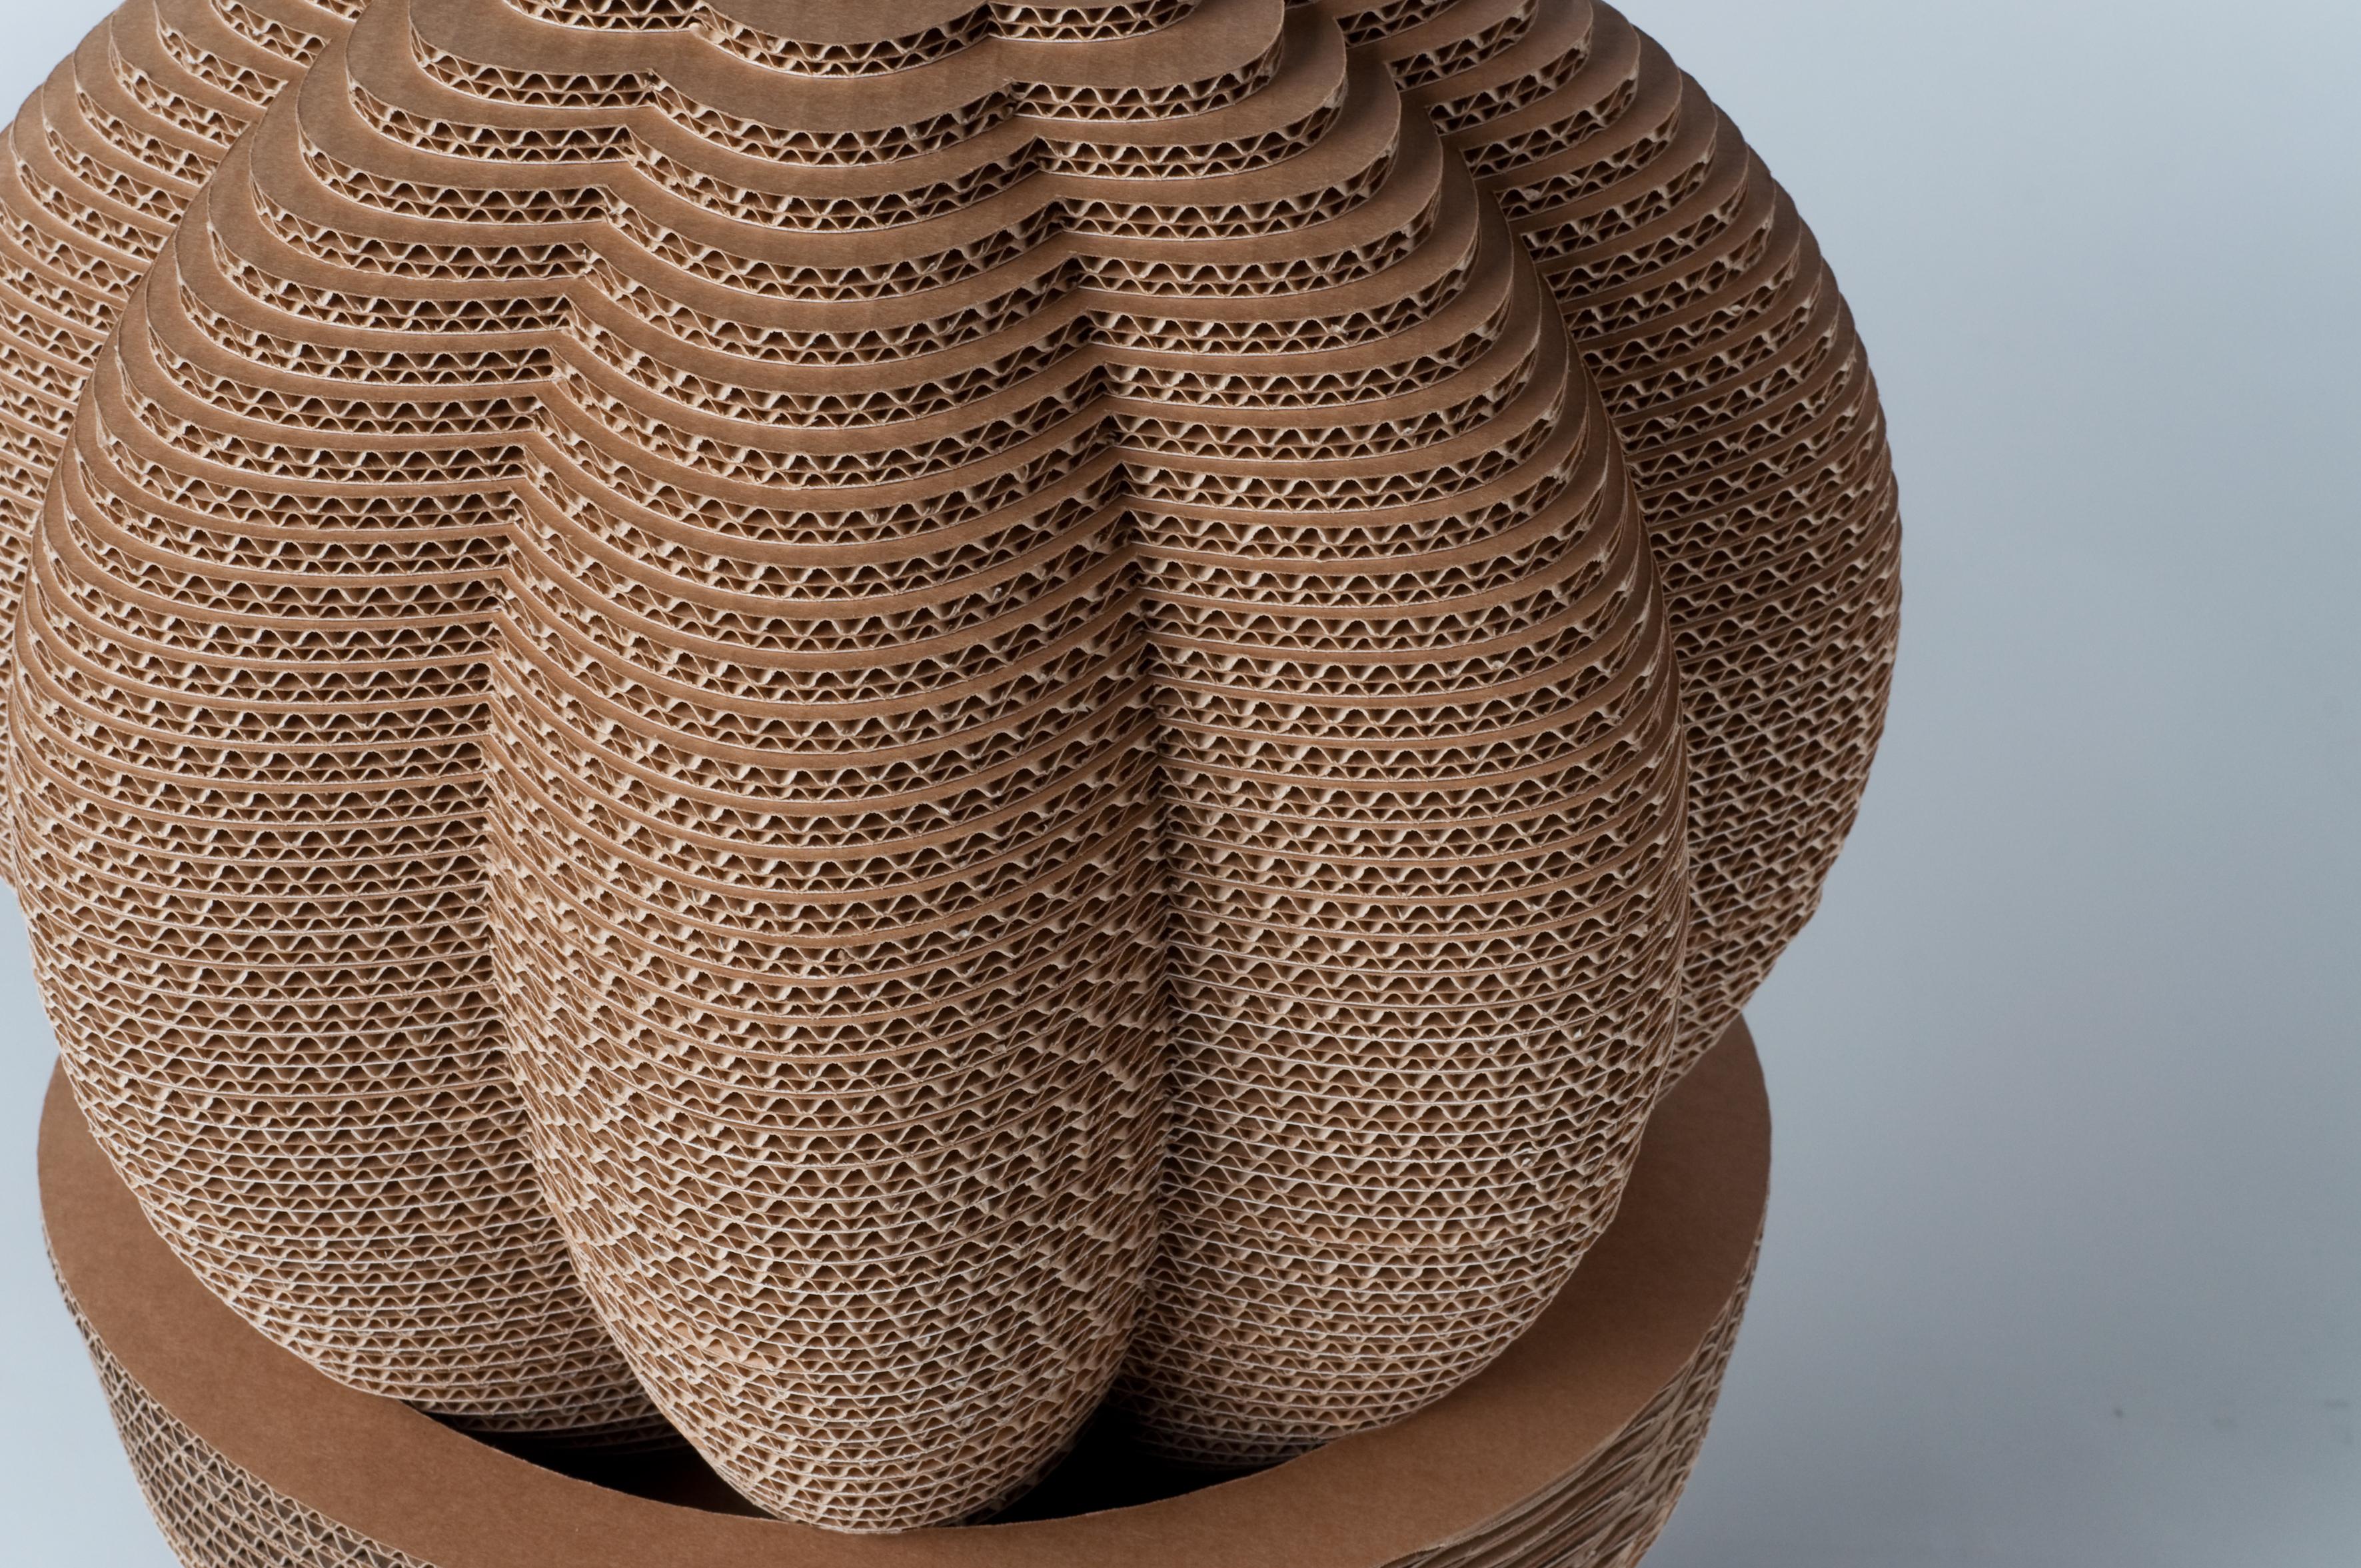 cactus-019